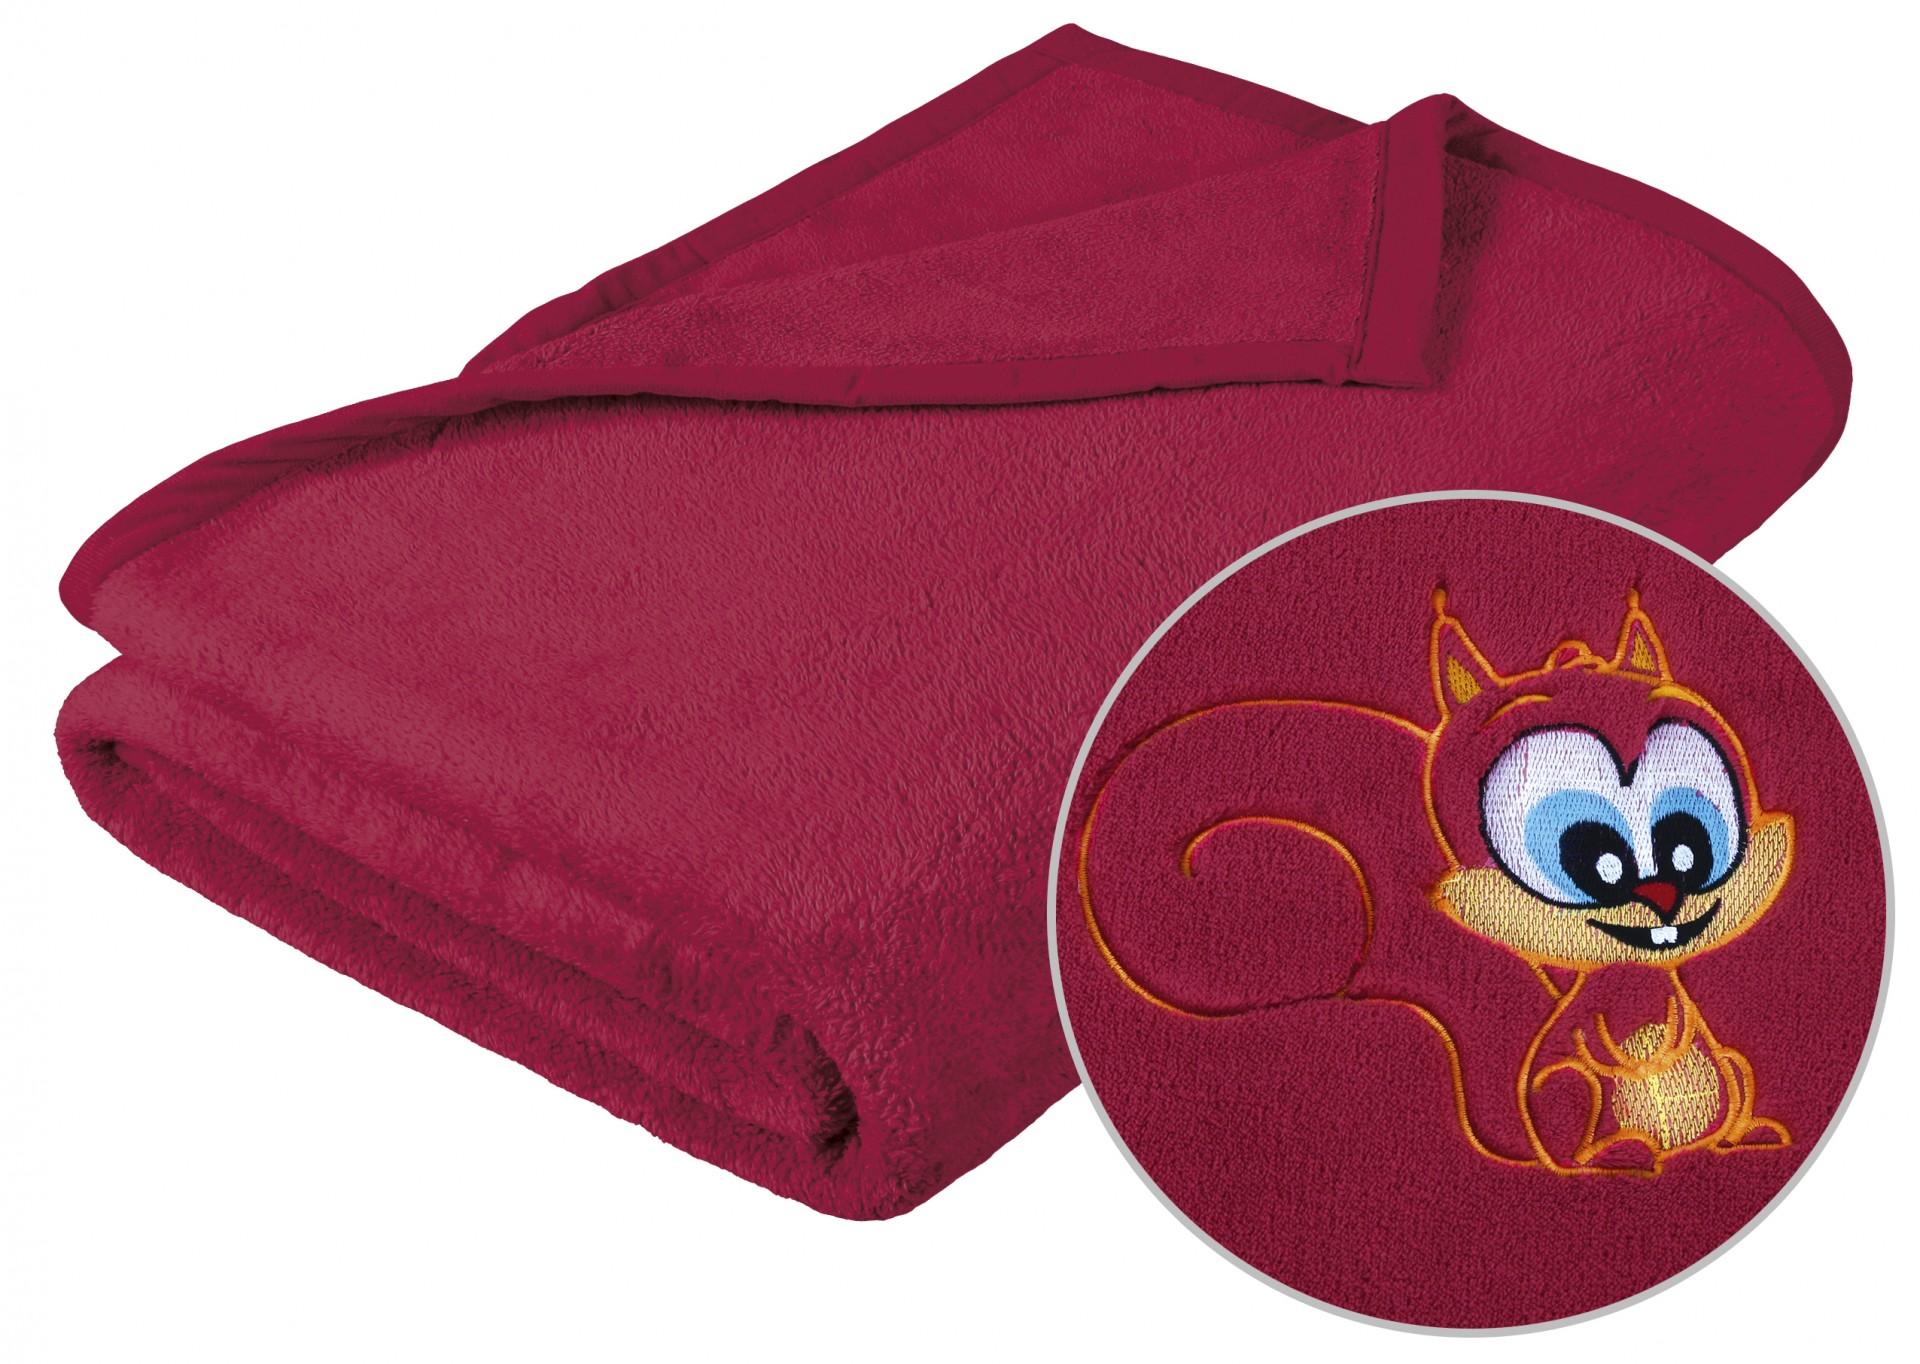 Dětská micro deka 75x100cm vínová s výšivkou